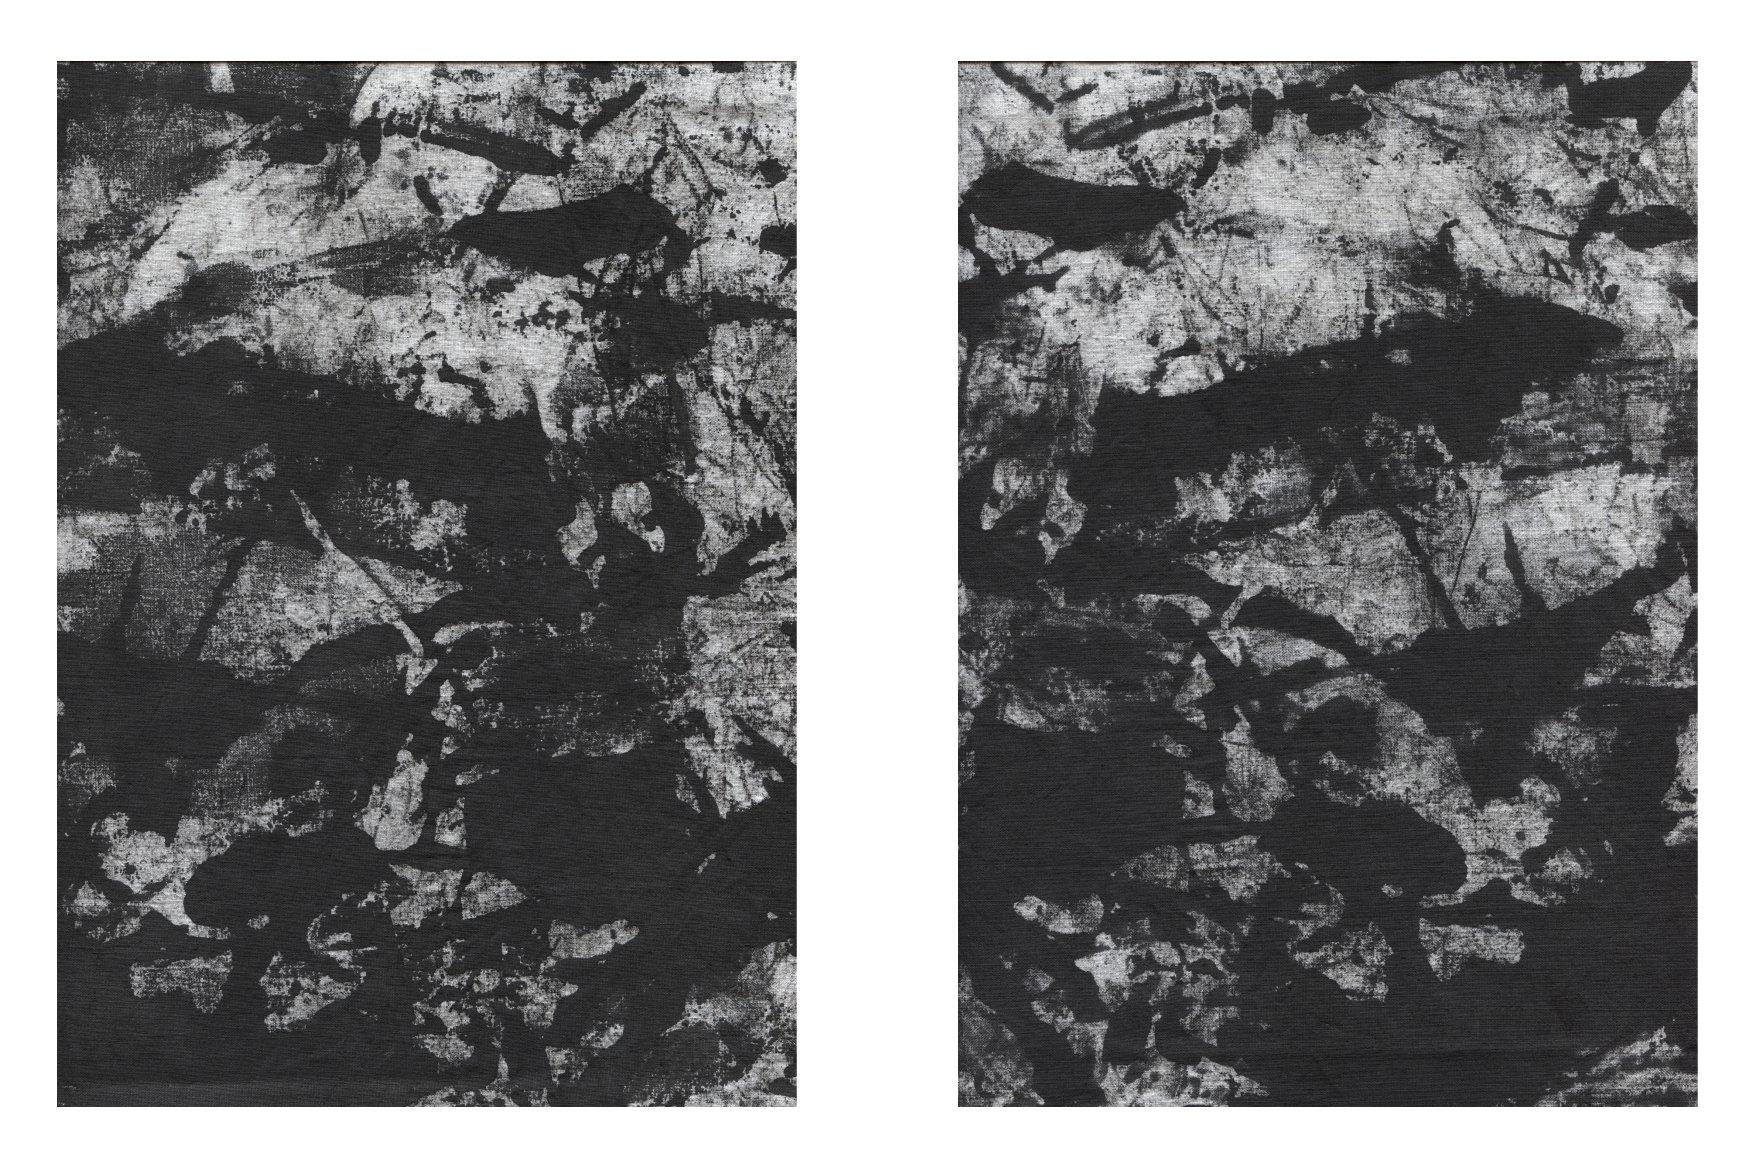 156款复古做旧折痕磨损褶皱纸张背景纹理素材合集 The Grunge Texture Bundle Vol. 1插图(2)